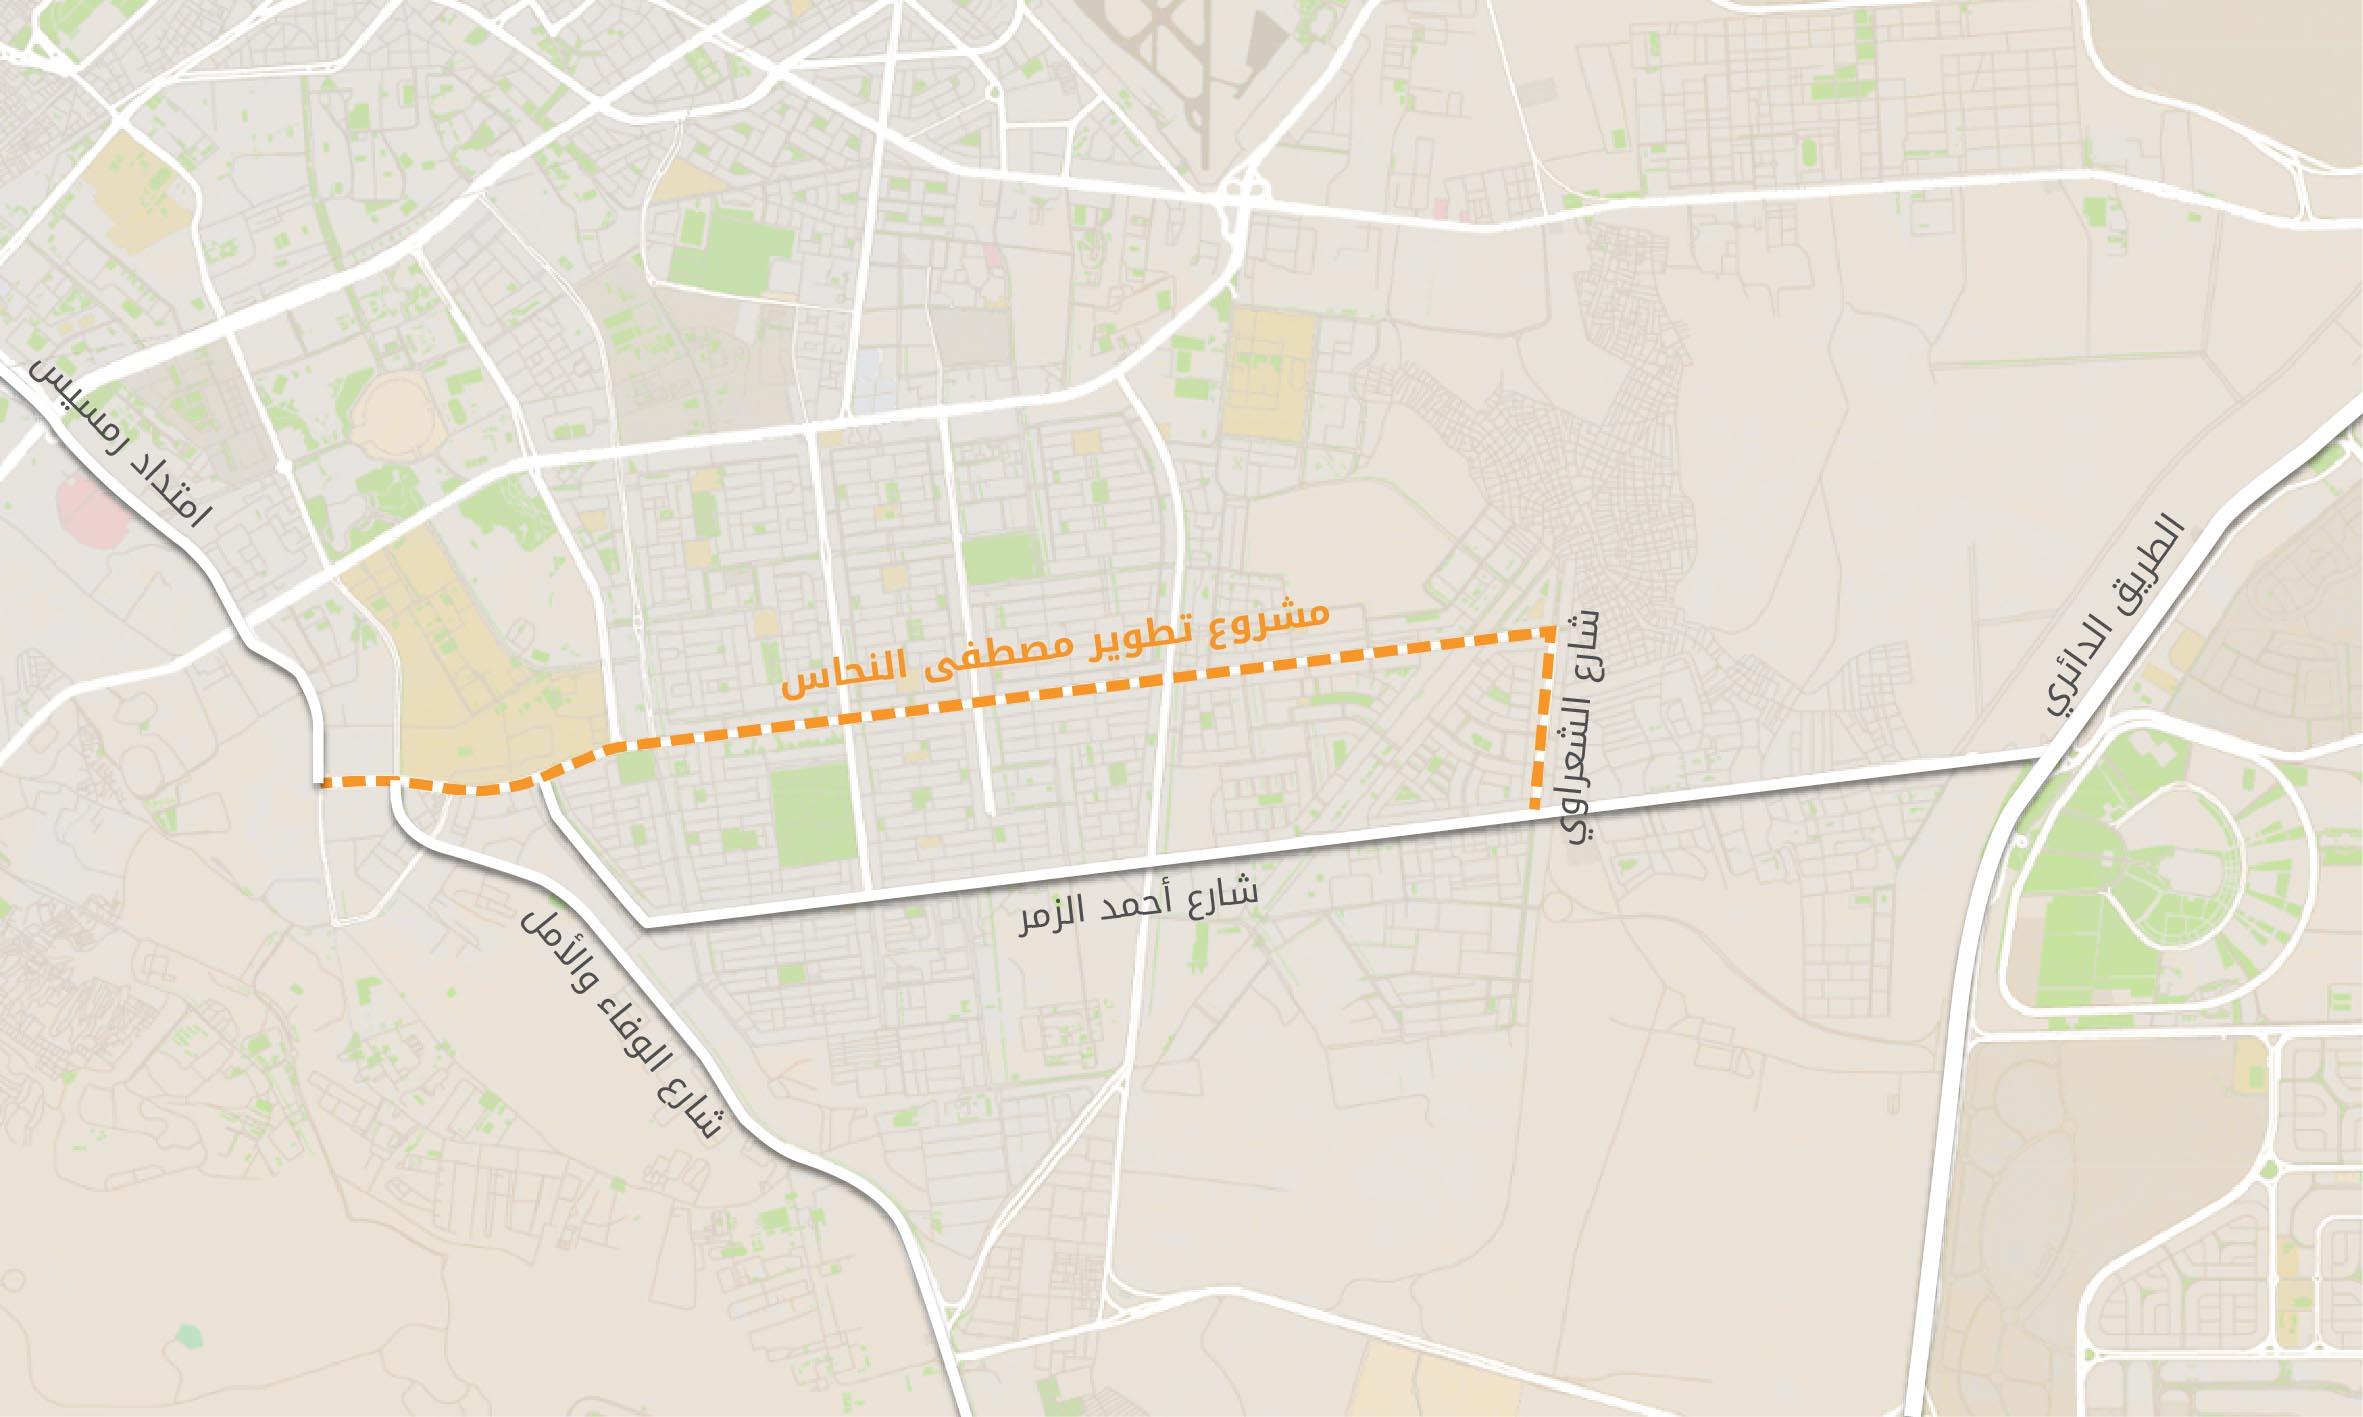 مشروع تطوير مصطفى النحاس والمنطقة المحيطة به. المصدر: تضامن. مصدر صورة الأقمار الصناعية: خرائط جوجل